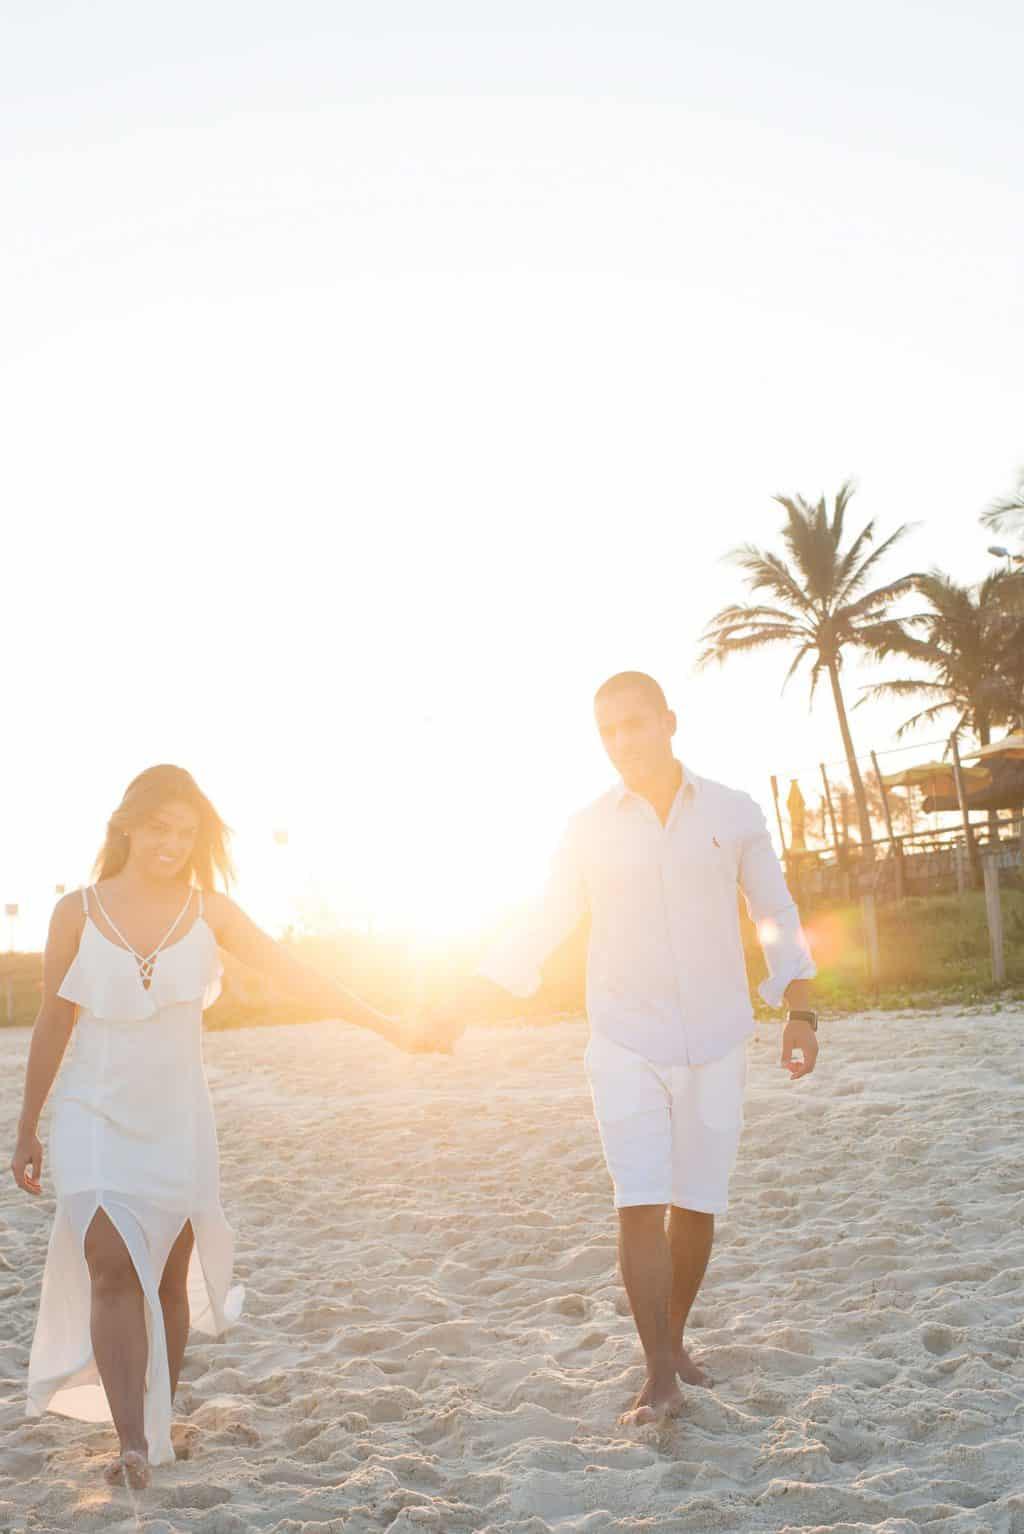 Pre-Wedding_6425Ensaio-fotográfico-Marina-Fava-Poses-CaseMe3350-x-5018